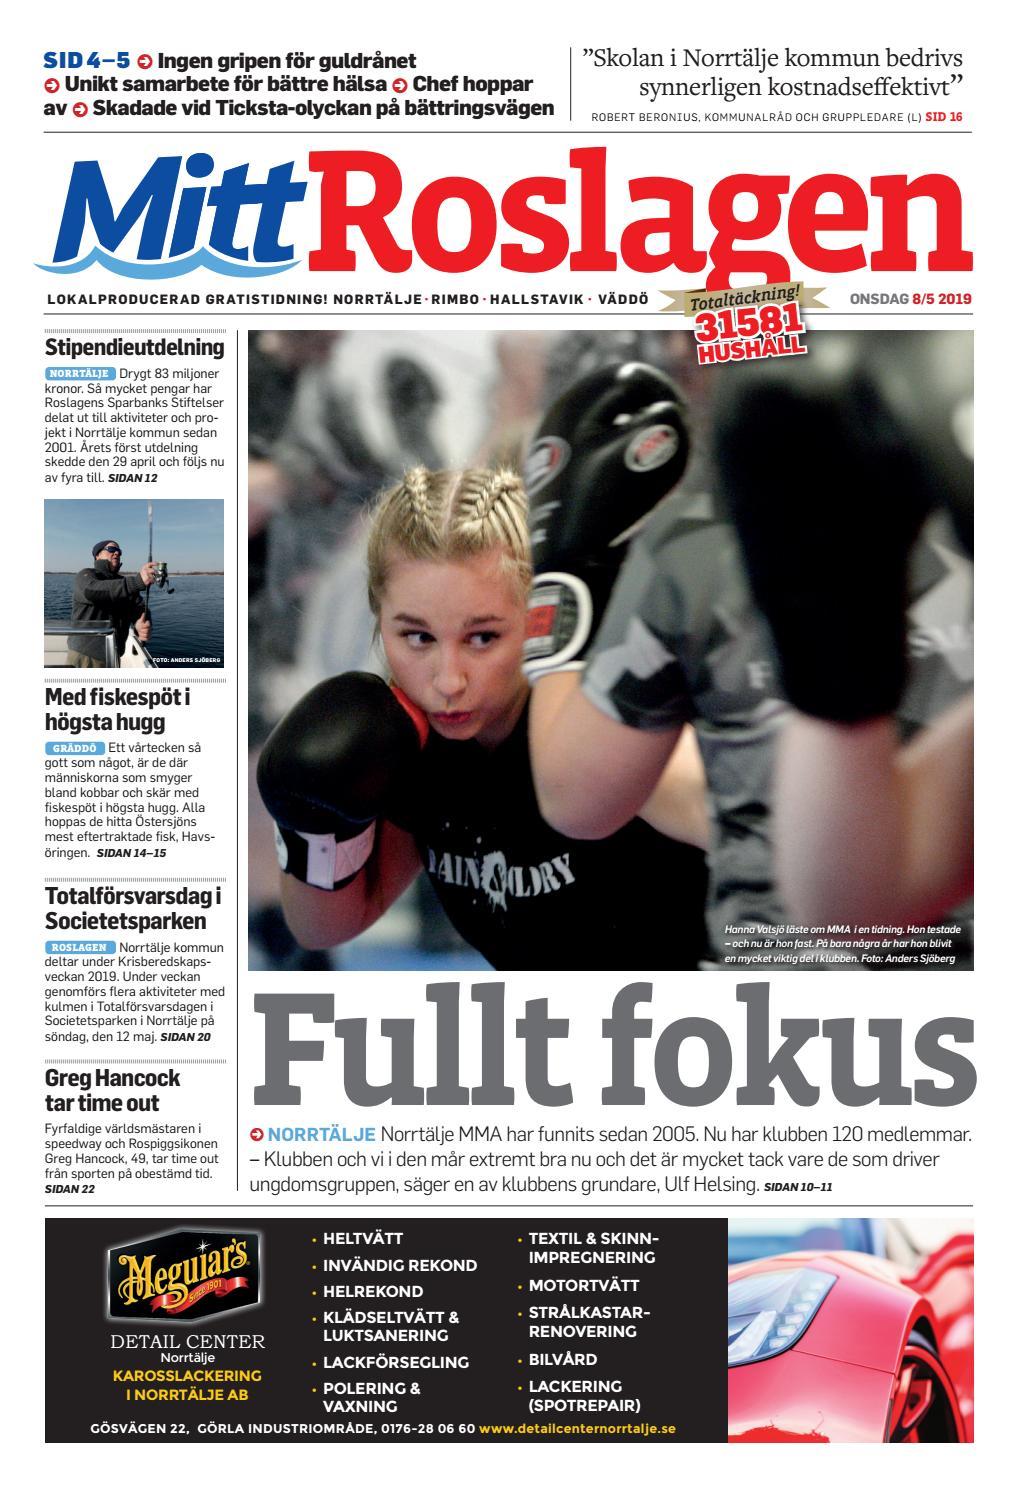 Kvinna frsvann i stormen | Aftonbladet